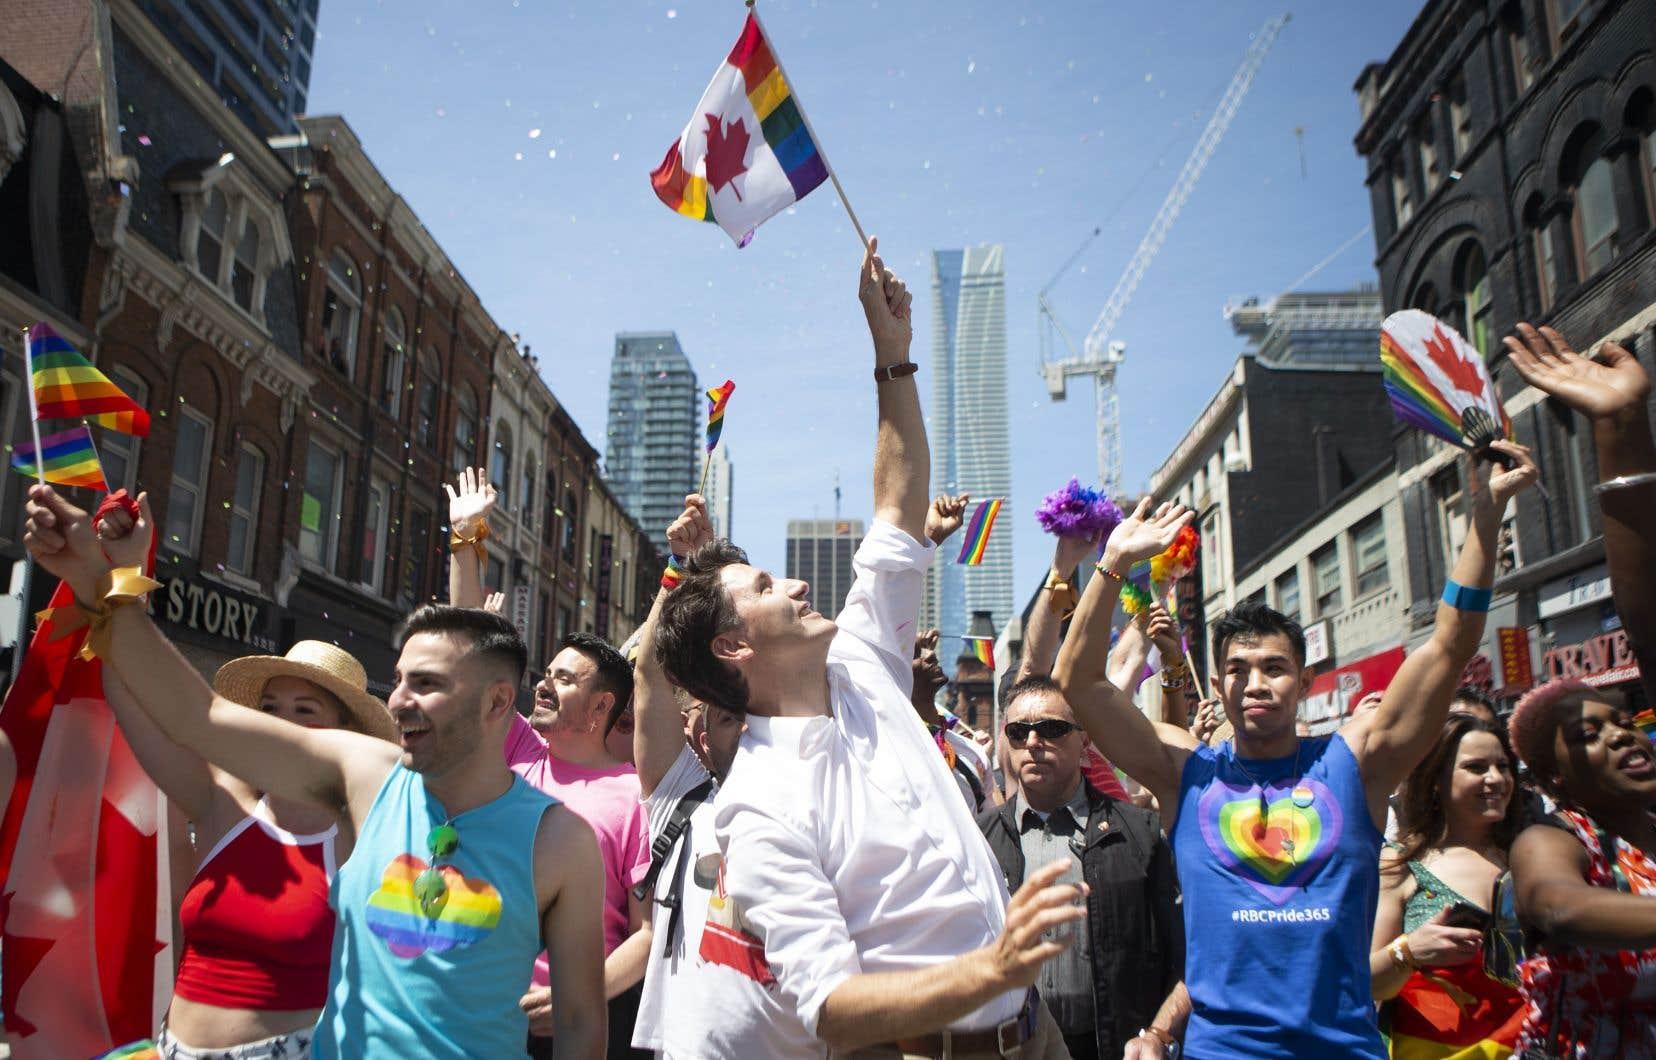 Le premier ministre fédéral, Justin Trudeau, a aussi participé au défilé annuel.